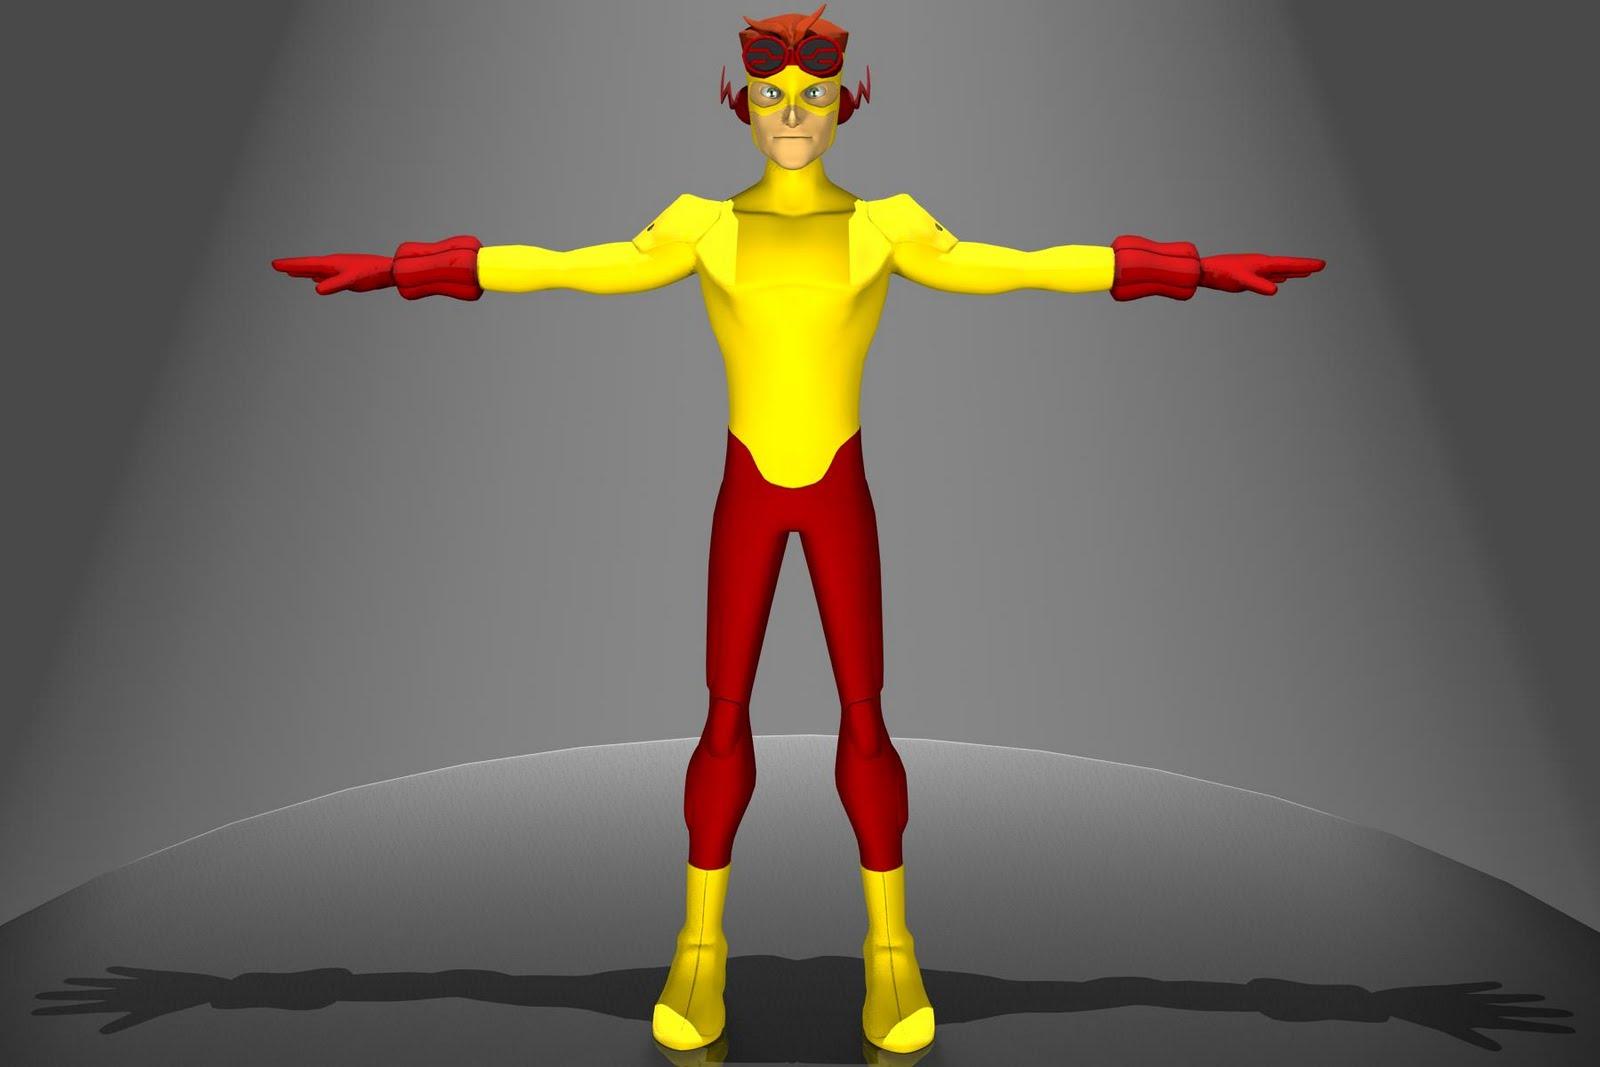 http://4.bp.blogspot.com/_lIUKXaOTItw/TLo5FsxVFtI/AAAAAAAAApI/nfbvnNjsRc0/s1600/FlashBoy3D_20_render_3a.jpg